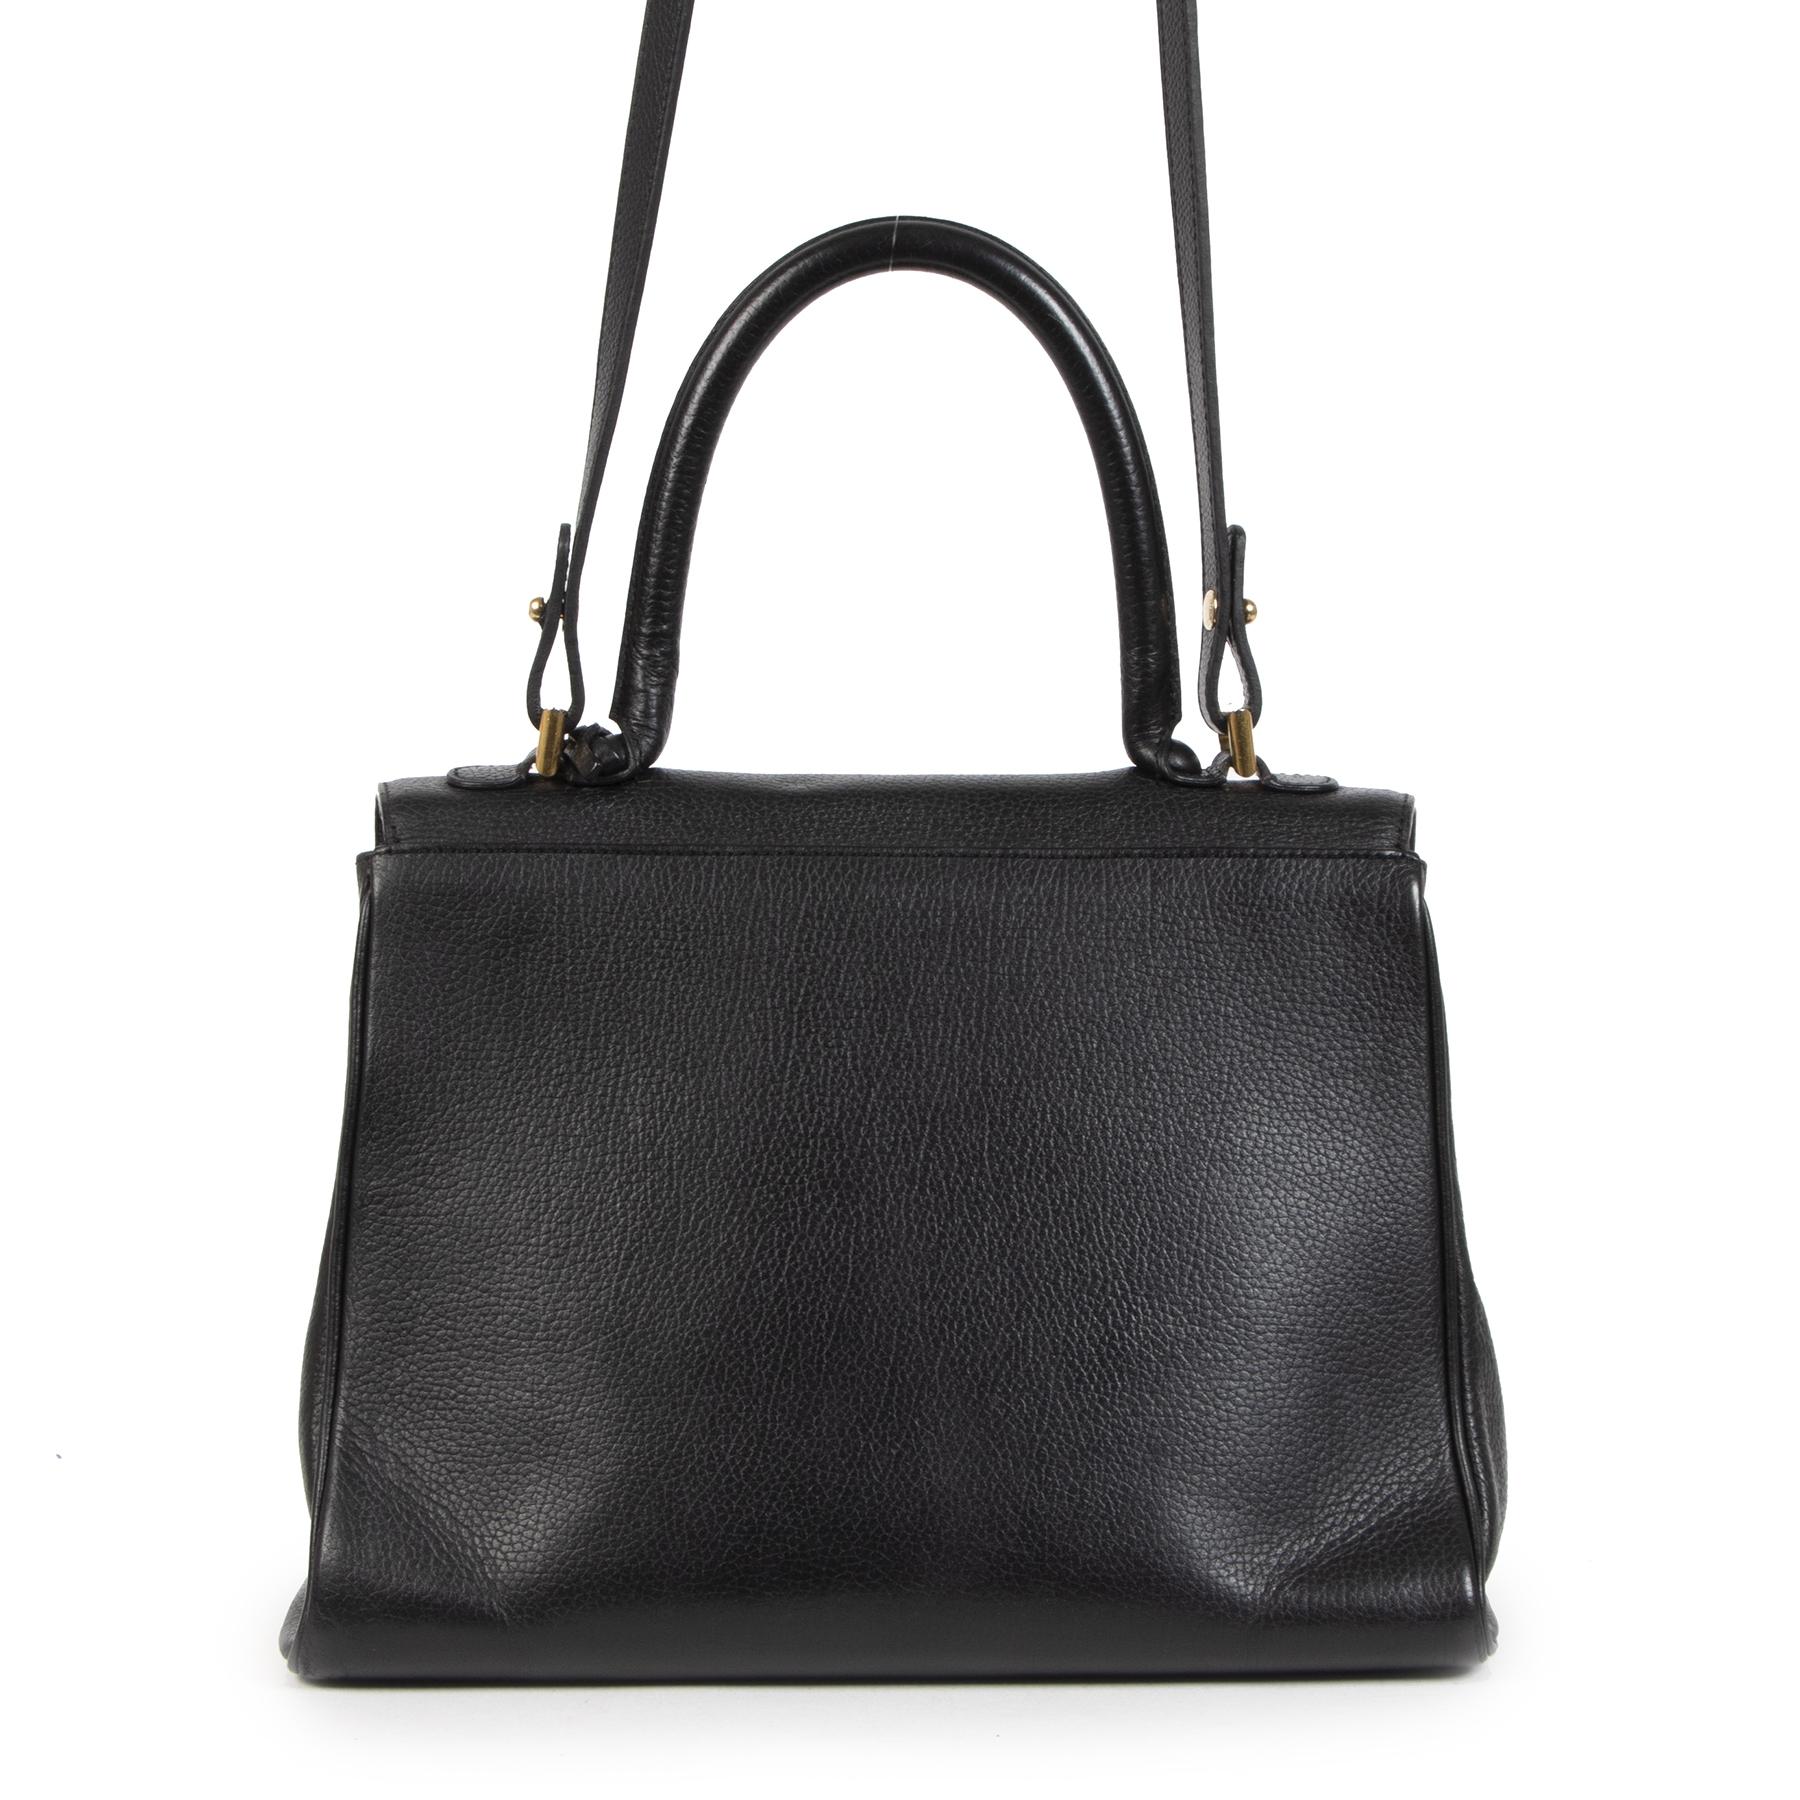 Authentieke Tweedehands Delvaux Brillant Black MM Bag + Strap juiste prijs veilig online shoppen luxe merken webshop winkelen Antwerpen België mode fashion